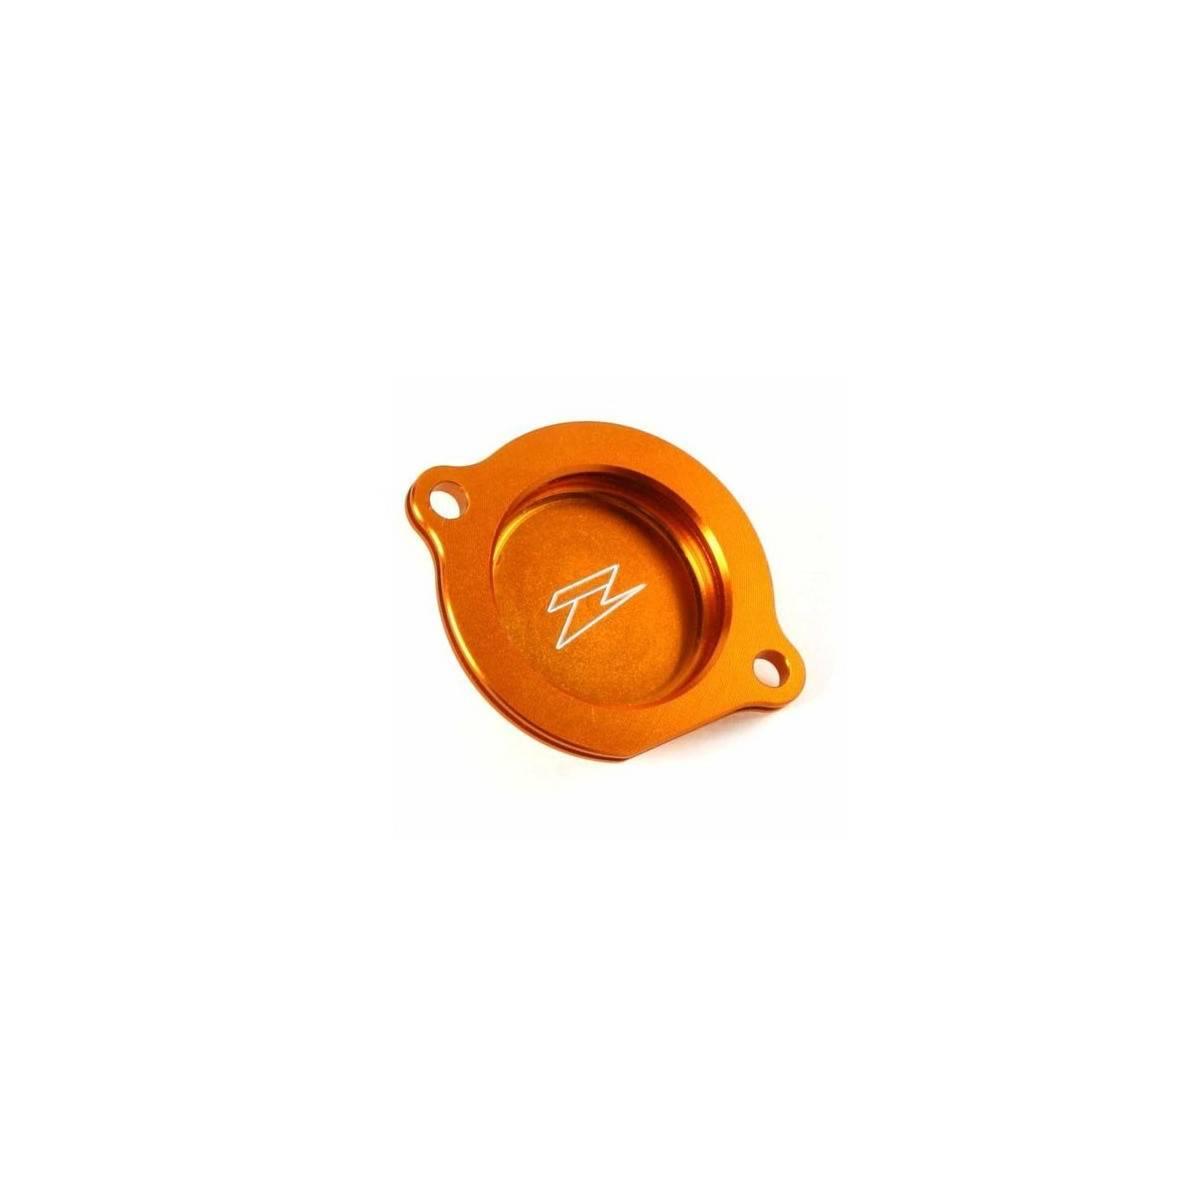 ZE90.1457 - Tapa Filtro Aceite Zeta Ktm 450Sxf´13-, 450Smr´13-Naranja